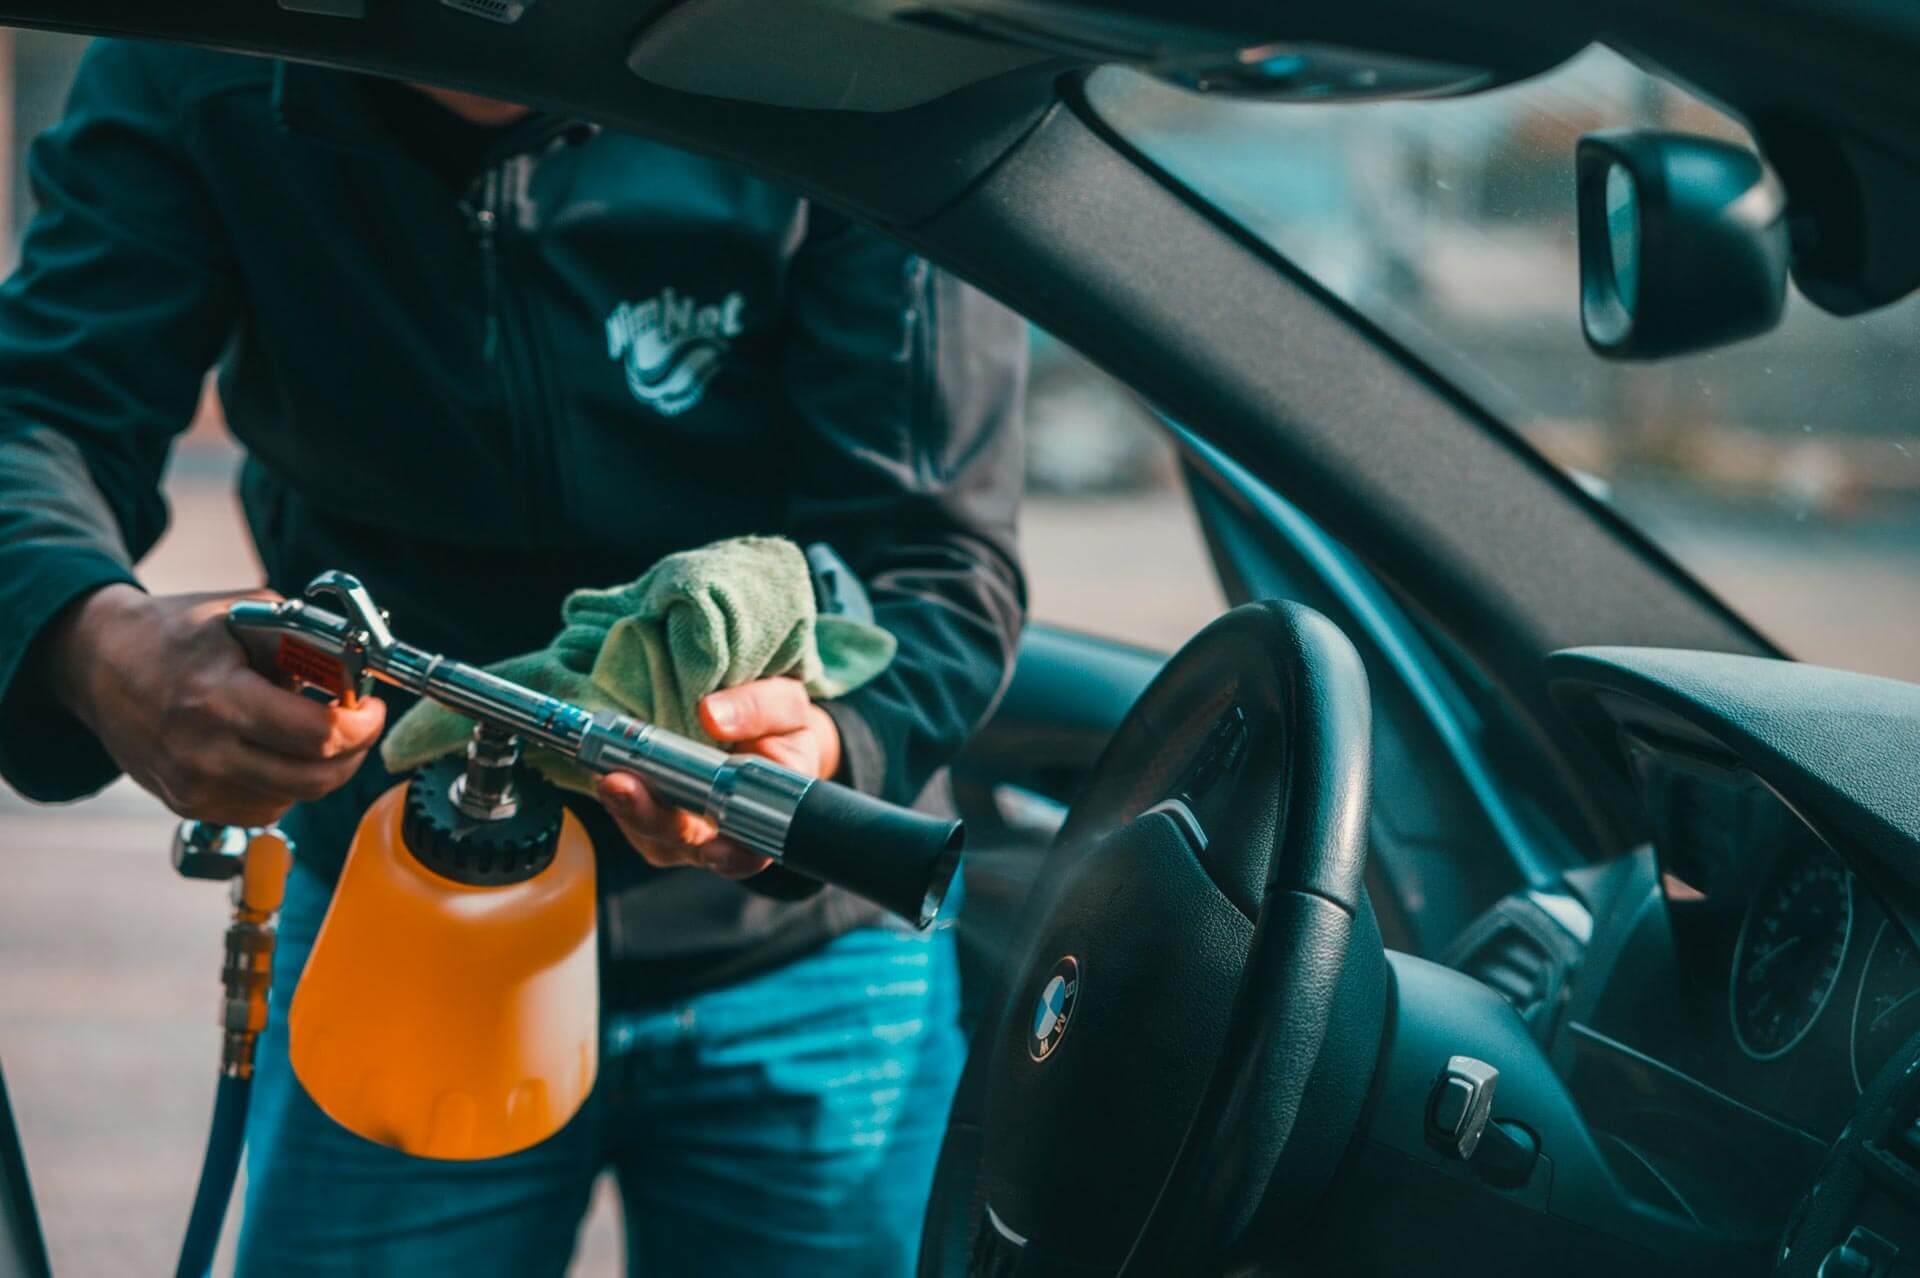 Le nettoyage des intérieurs au pistolet cyclone - Nettoyage de véhicules professionnels et utilitaires